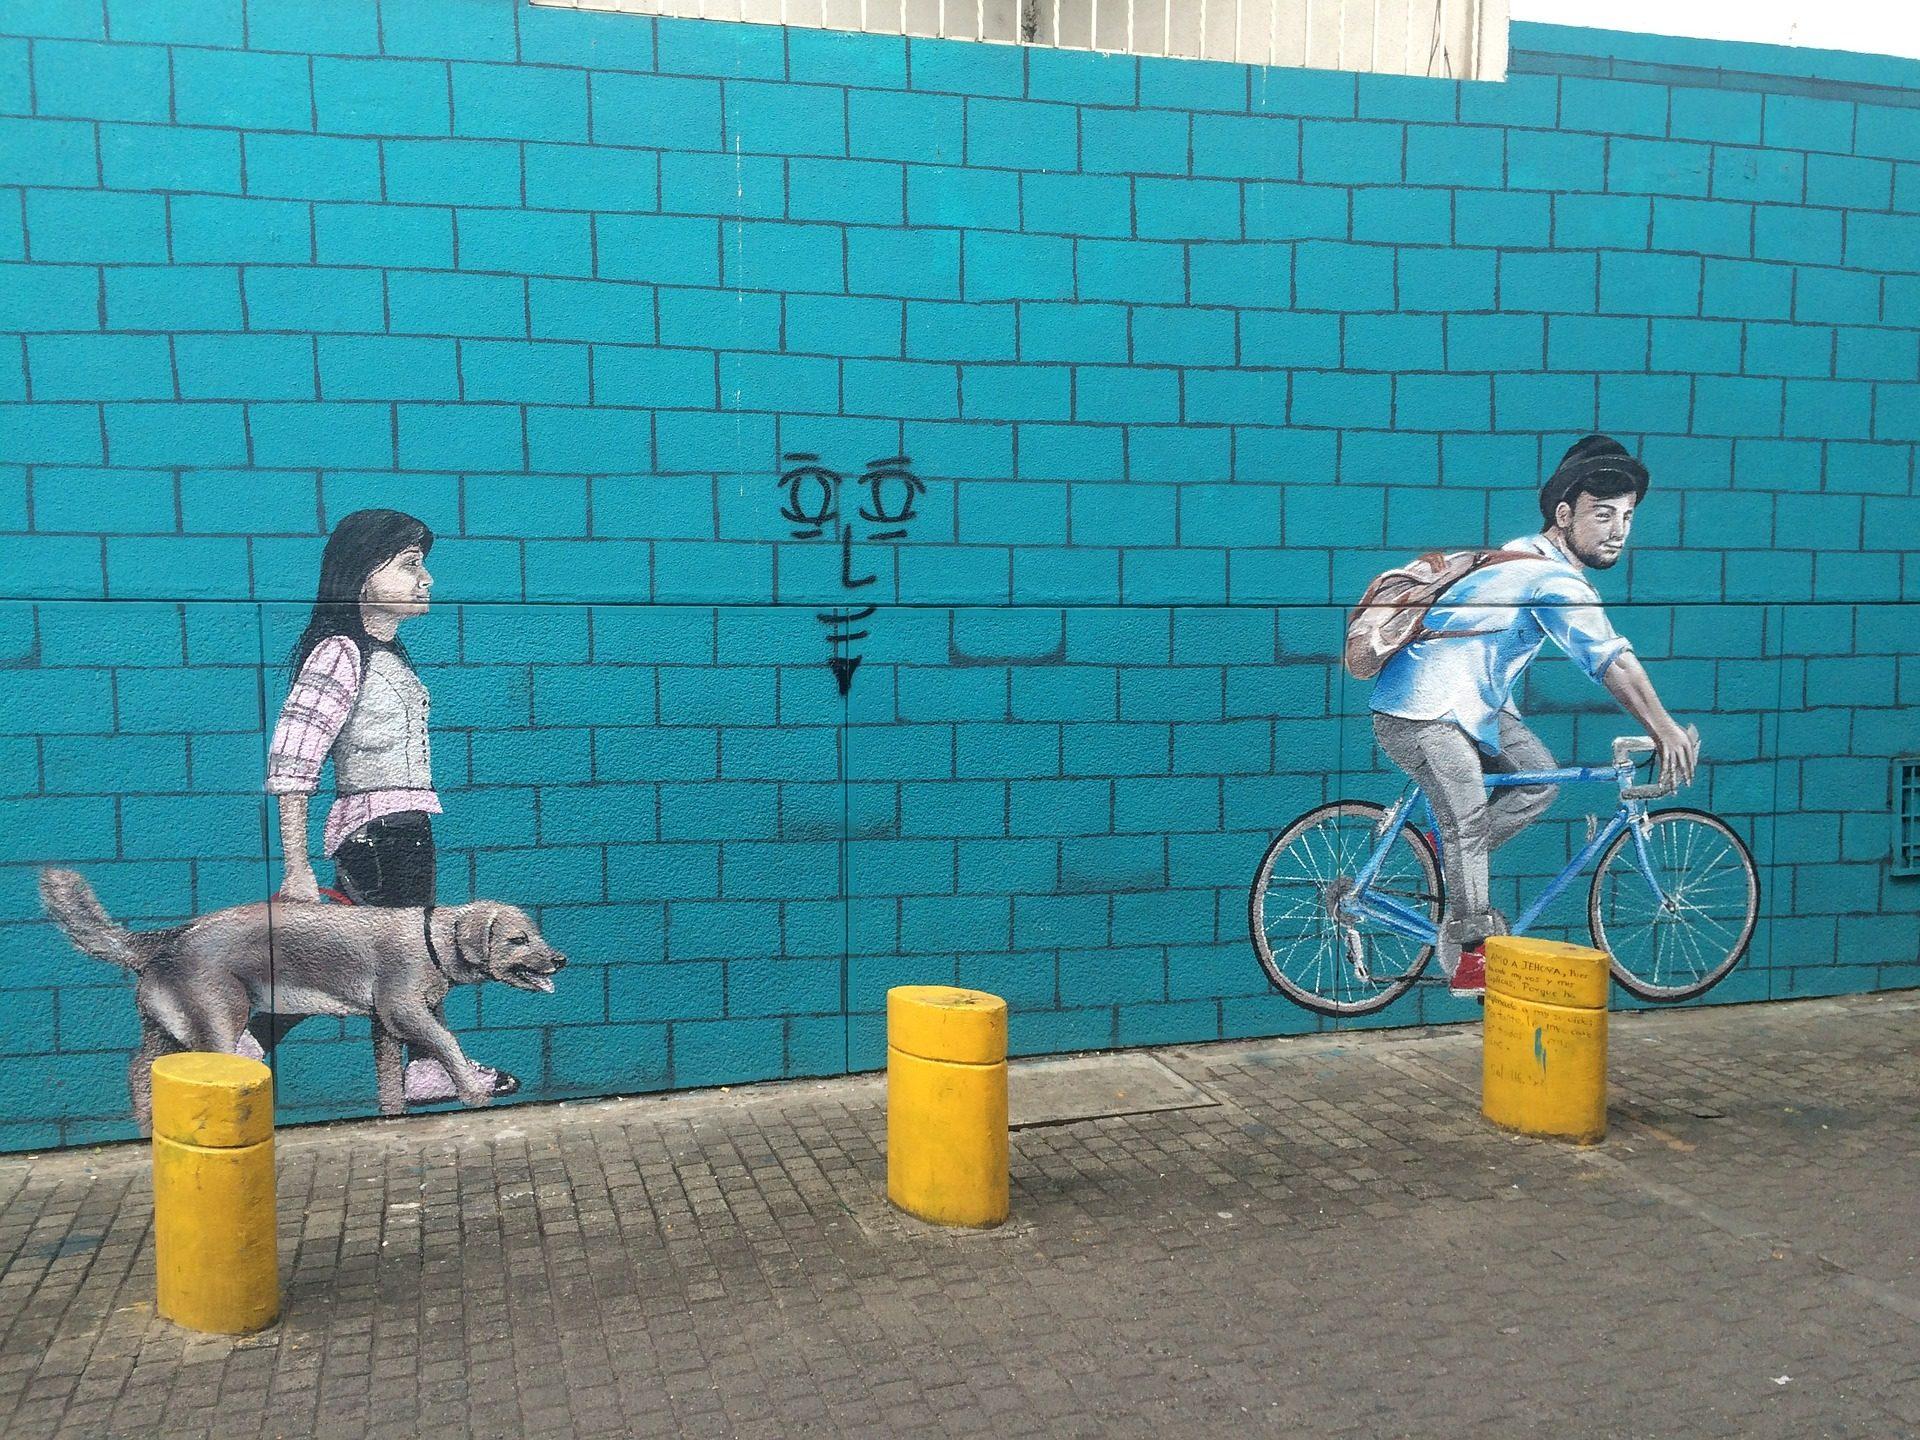 落書き, muro, 壁, 塗装, アート, 文化 - HD の壁紙 - 教授-falken.com